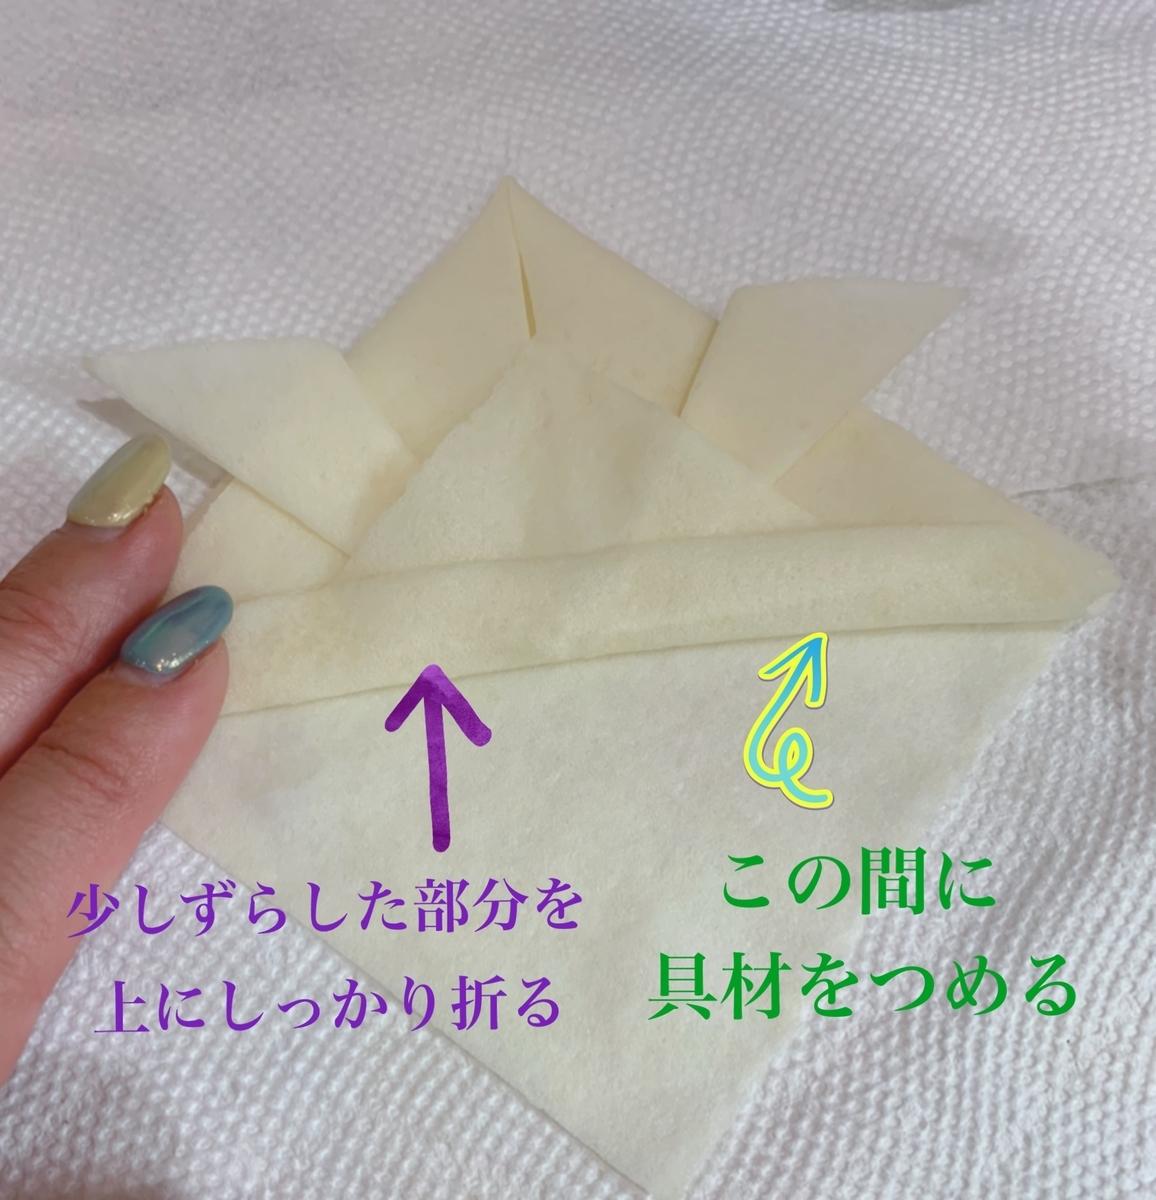 f:id:sitterkawaikobe:20210505172135j:plain